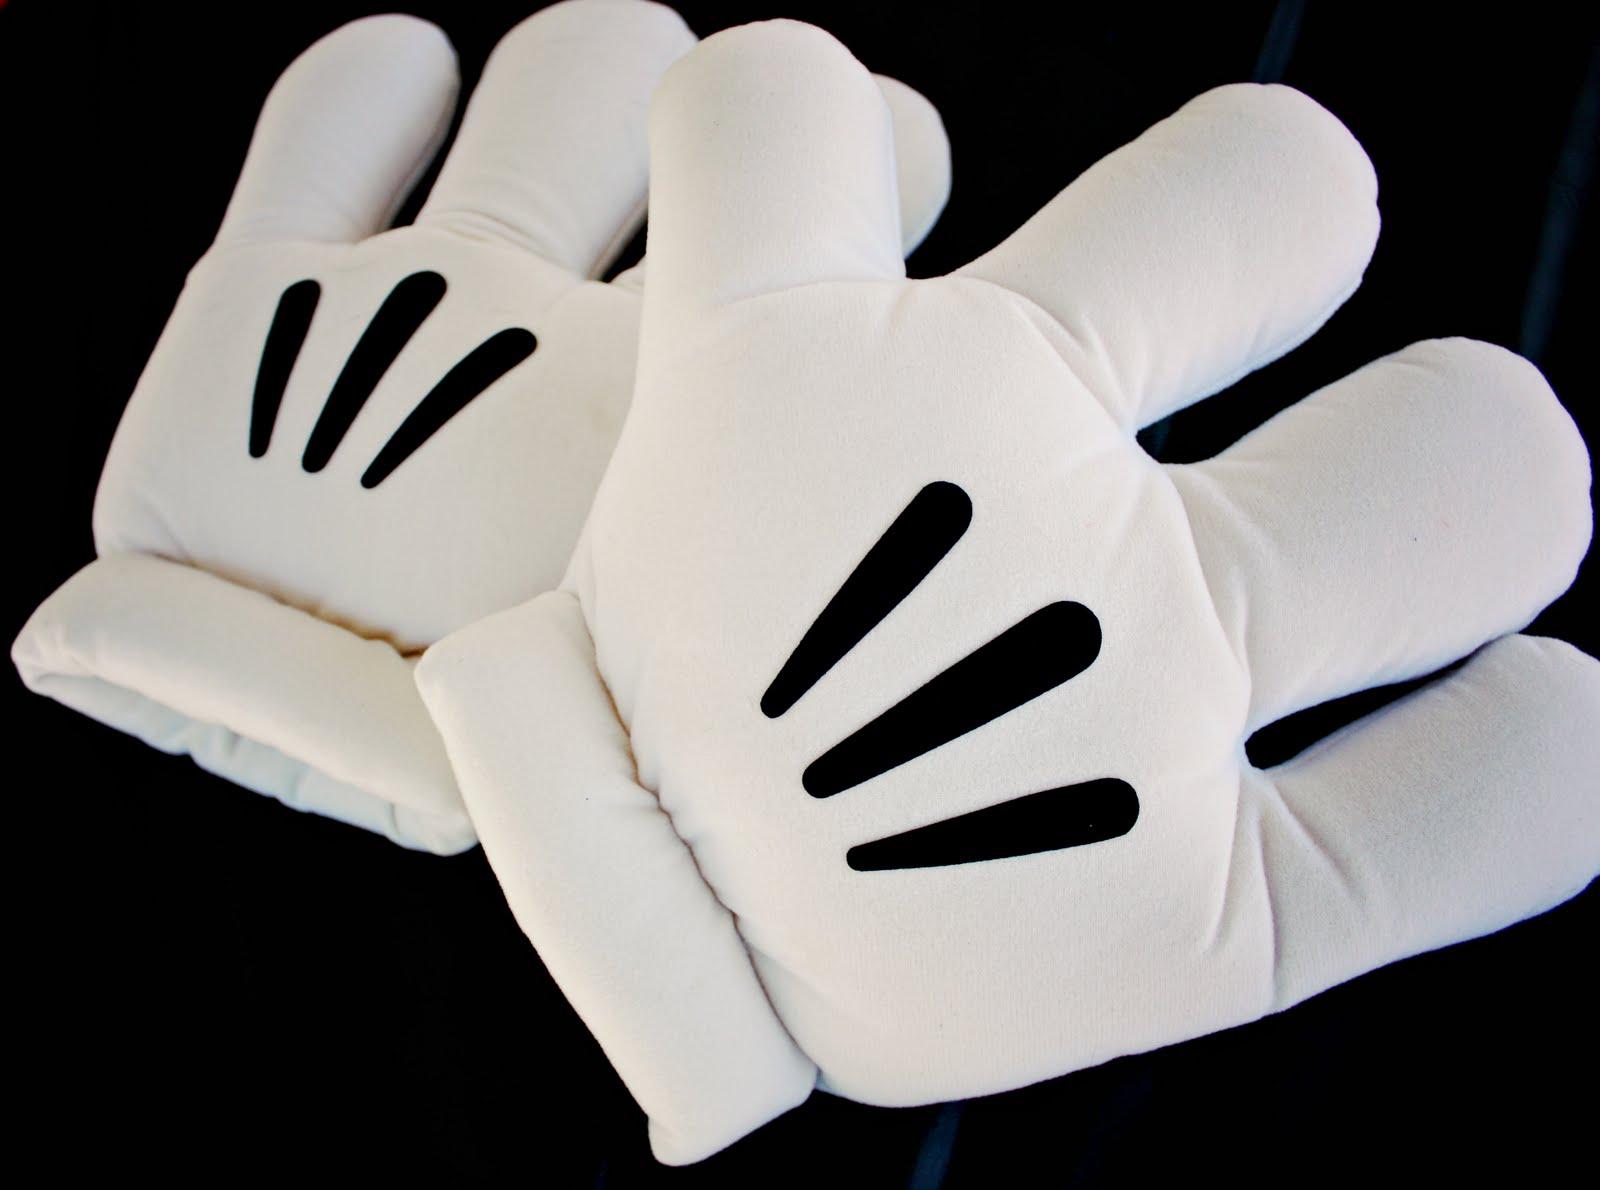 ถุงมือมิกกี้เม้าส์ Mickey Mouse